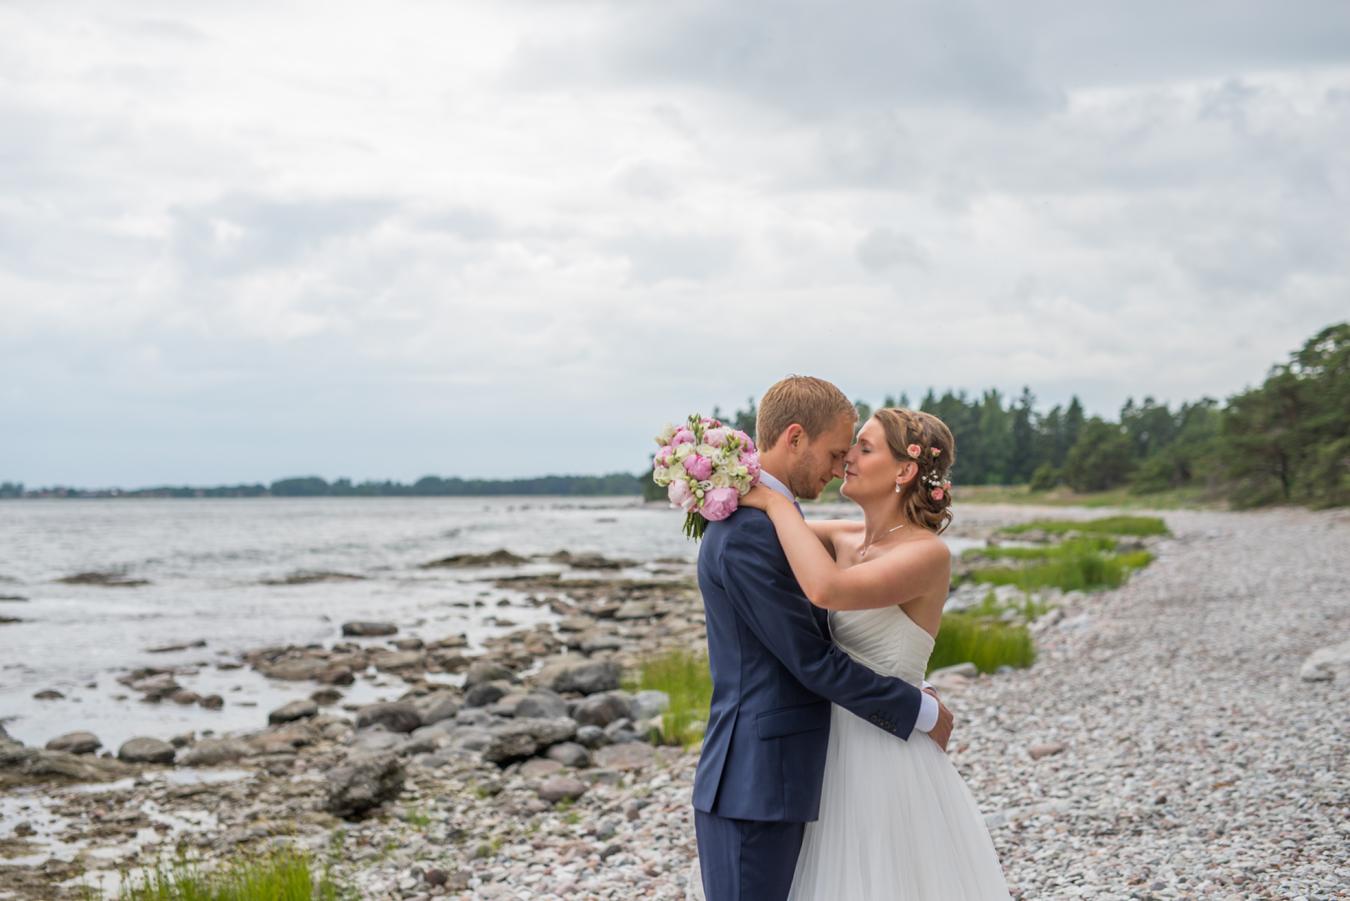 025-bröllopsfotograf-gumbalde-gotland-neas-fotografi.jpg